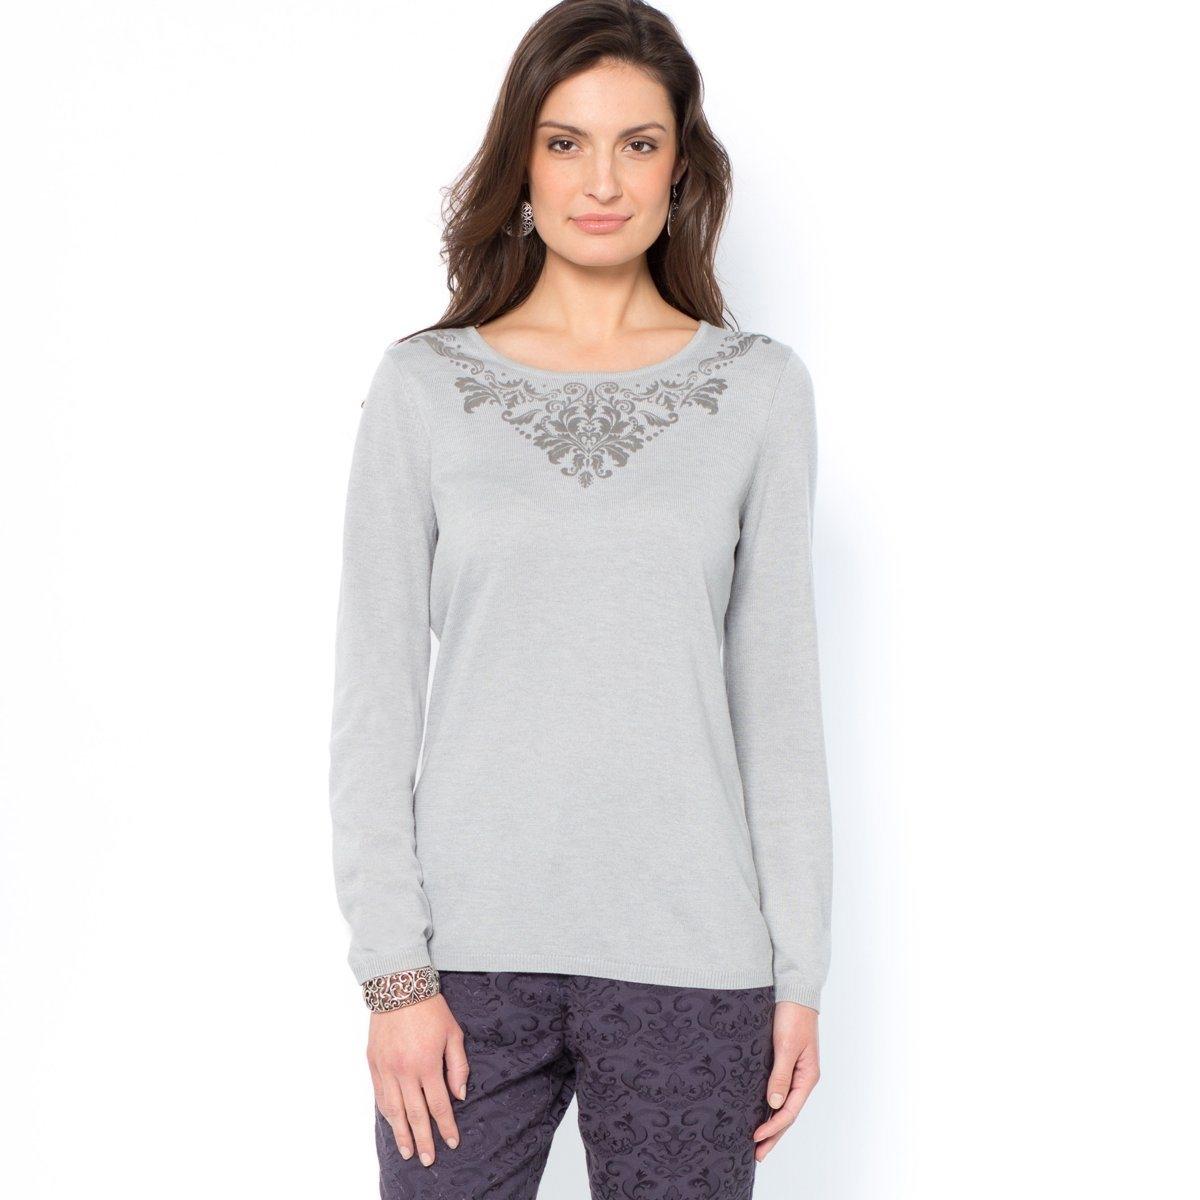 Пуловер, 10% шерстиКруглый вырез украшен рельефным узором спереди. Отделка руликом. Длинные рукава. Длина 60 см. Мягкий трикотаж, 66% акрила, 24% полиамида, 10% шерсти.<br><br>Цвет: серый жемчужный